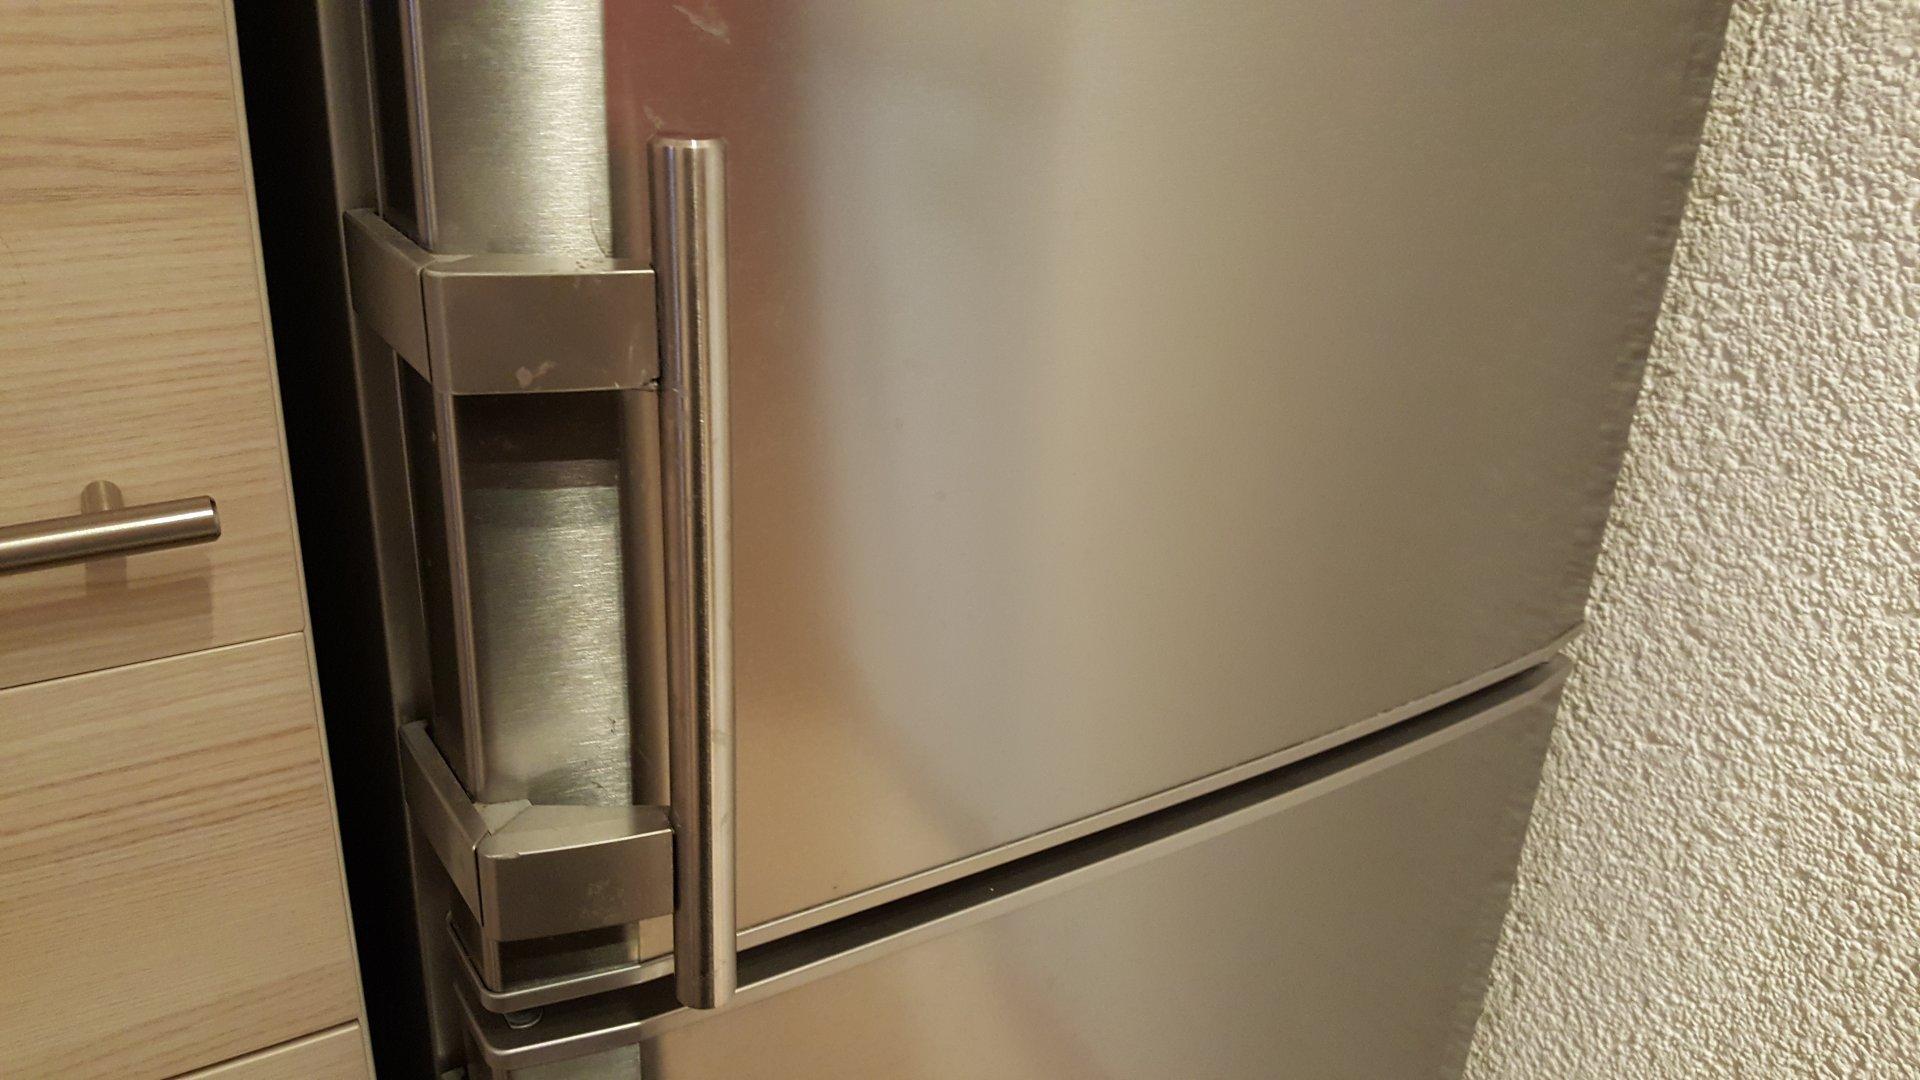 Siemens Kühlschrank Türanschlag Wechseln : Liebherr kühlschrank cupesf2721 wie türgriff wechseln?